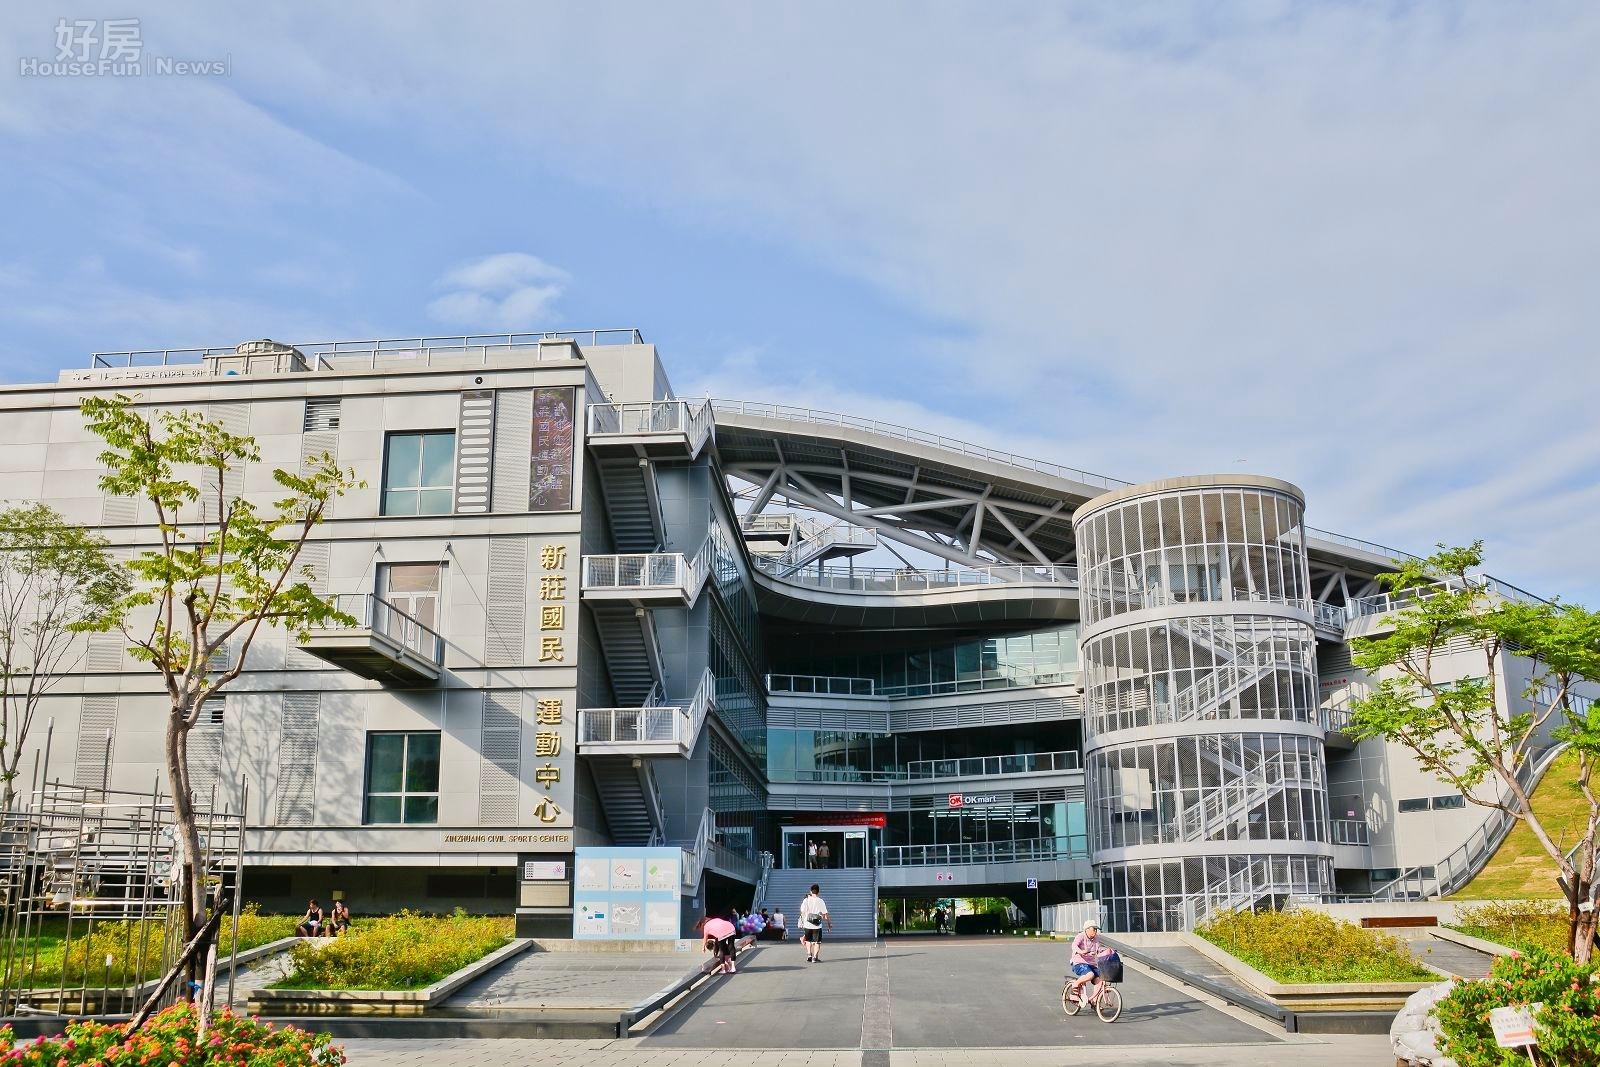 新北市府積極推廣國民健康運動,於新北各區建設國民運動中心。(好房News記者 陳韋帆/攝影)